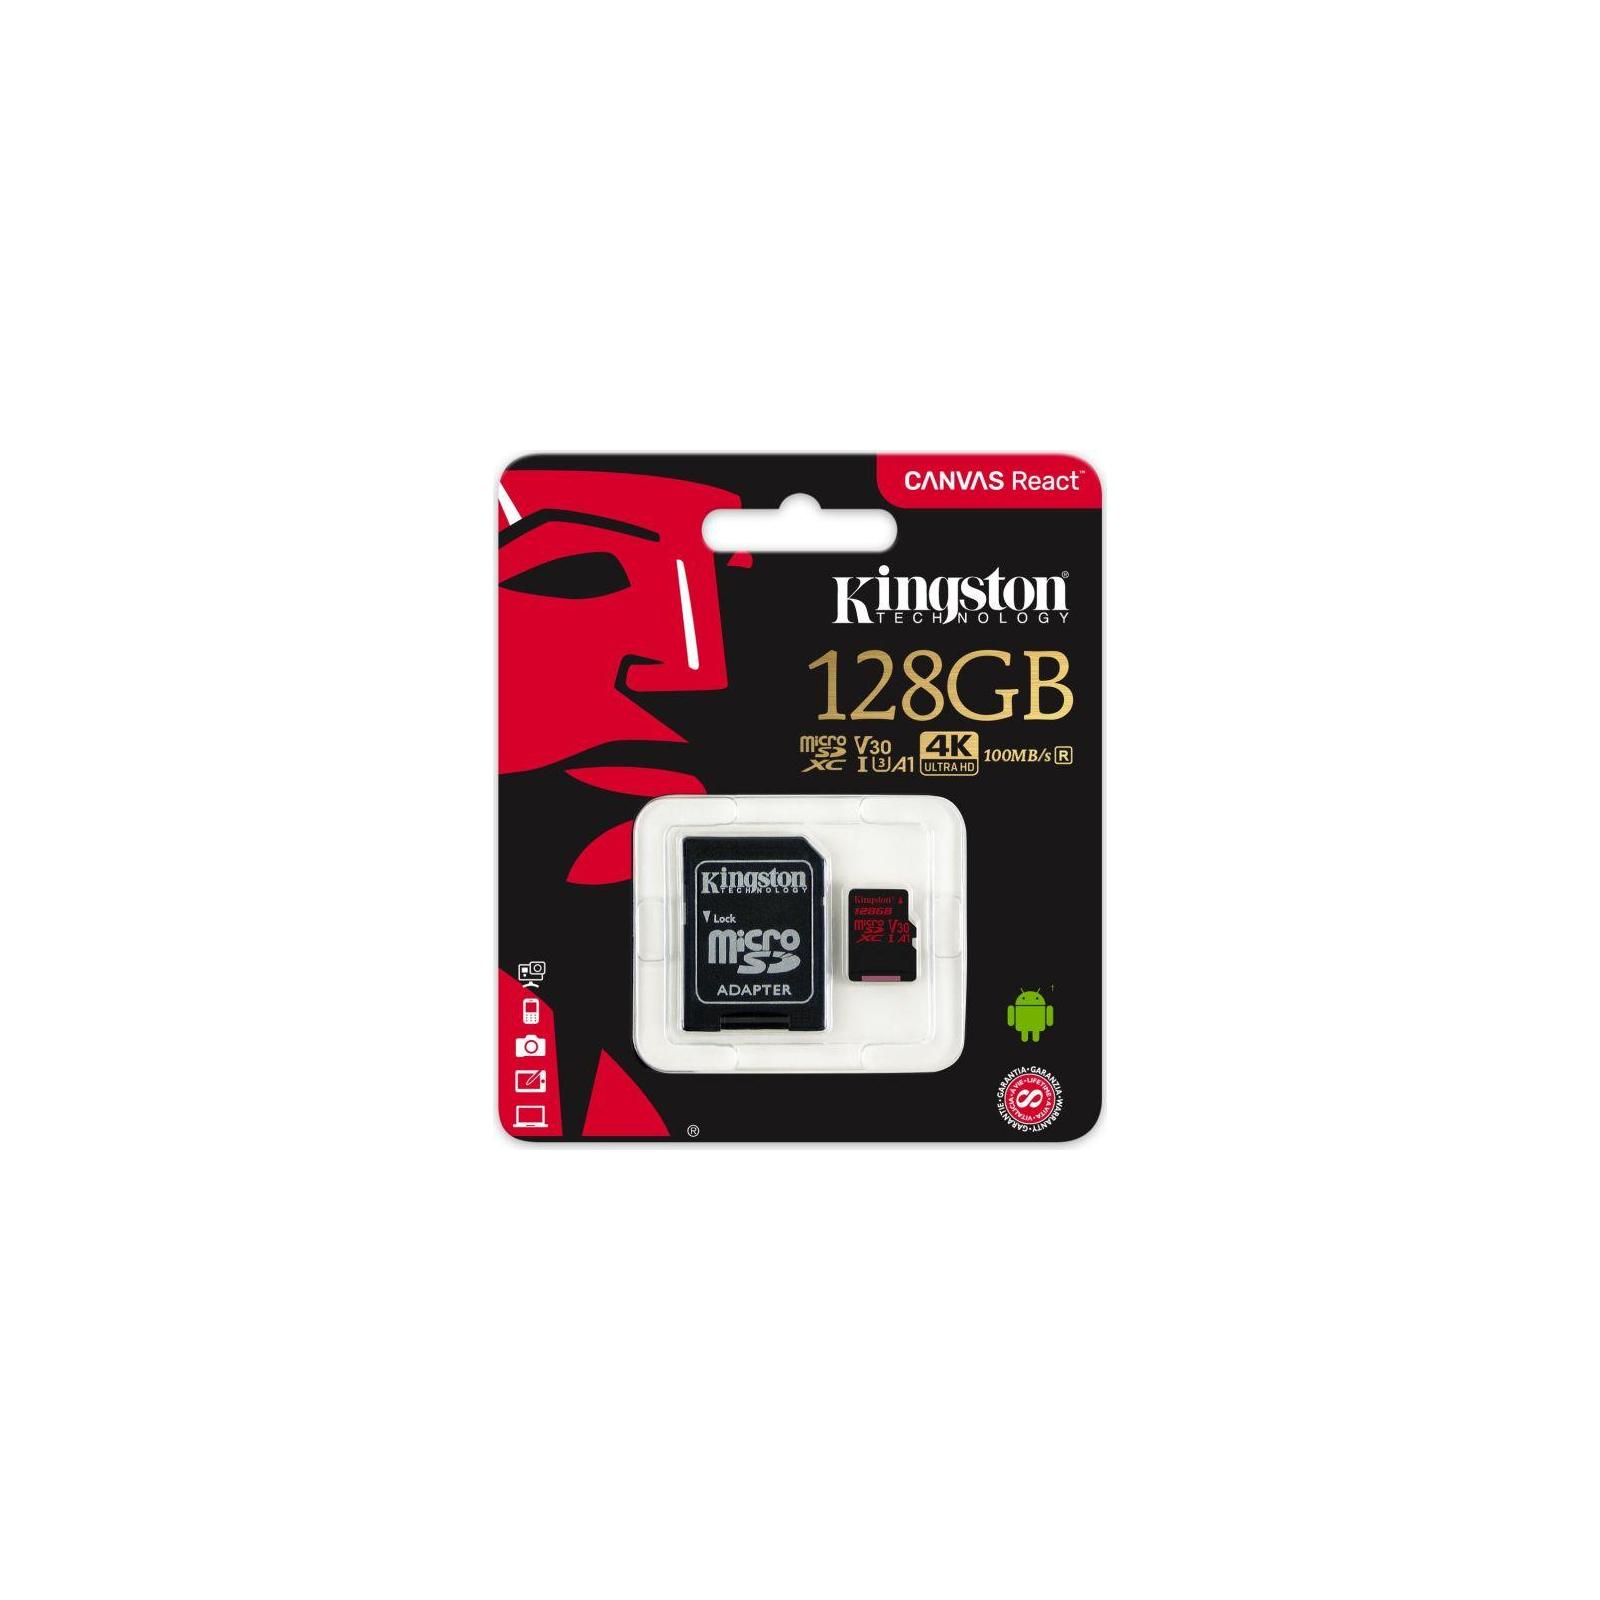 Карта памяти Kingston 128GB microSDXC class 10 UHS-I U3 (SDCR/128GB) изображение 3